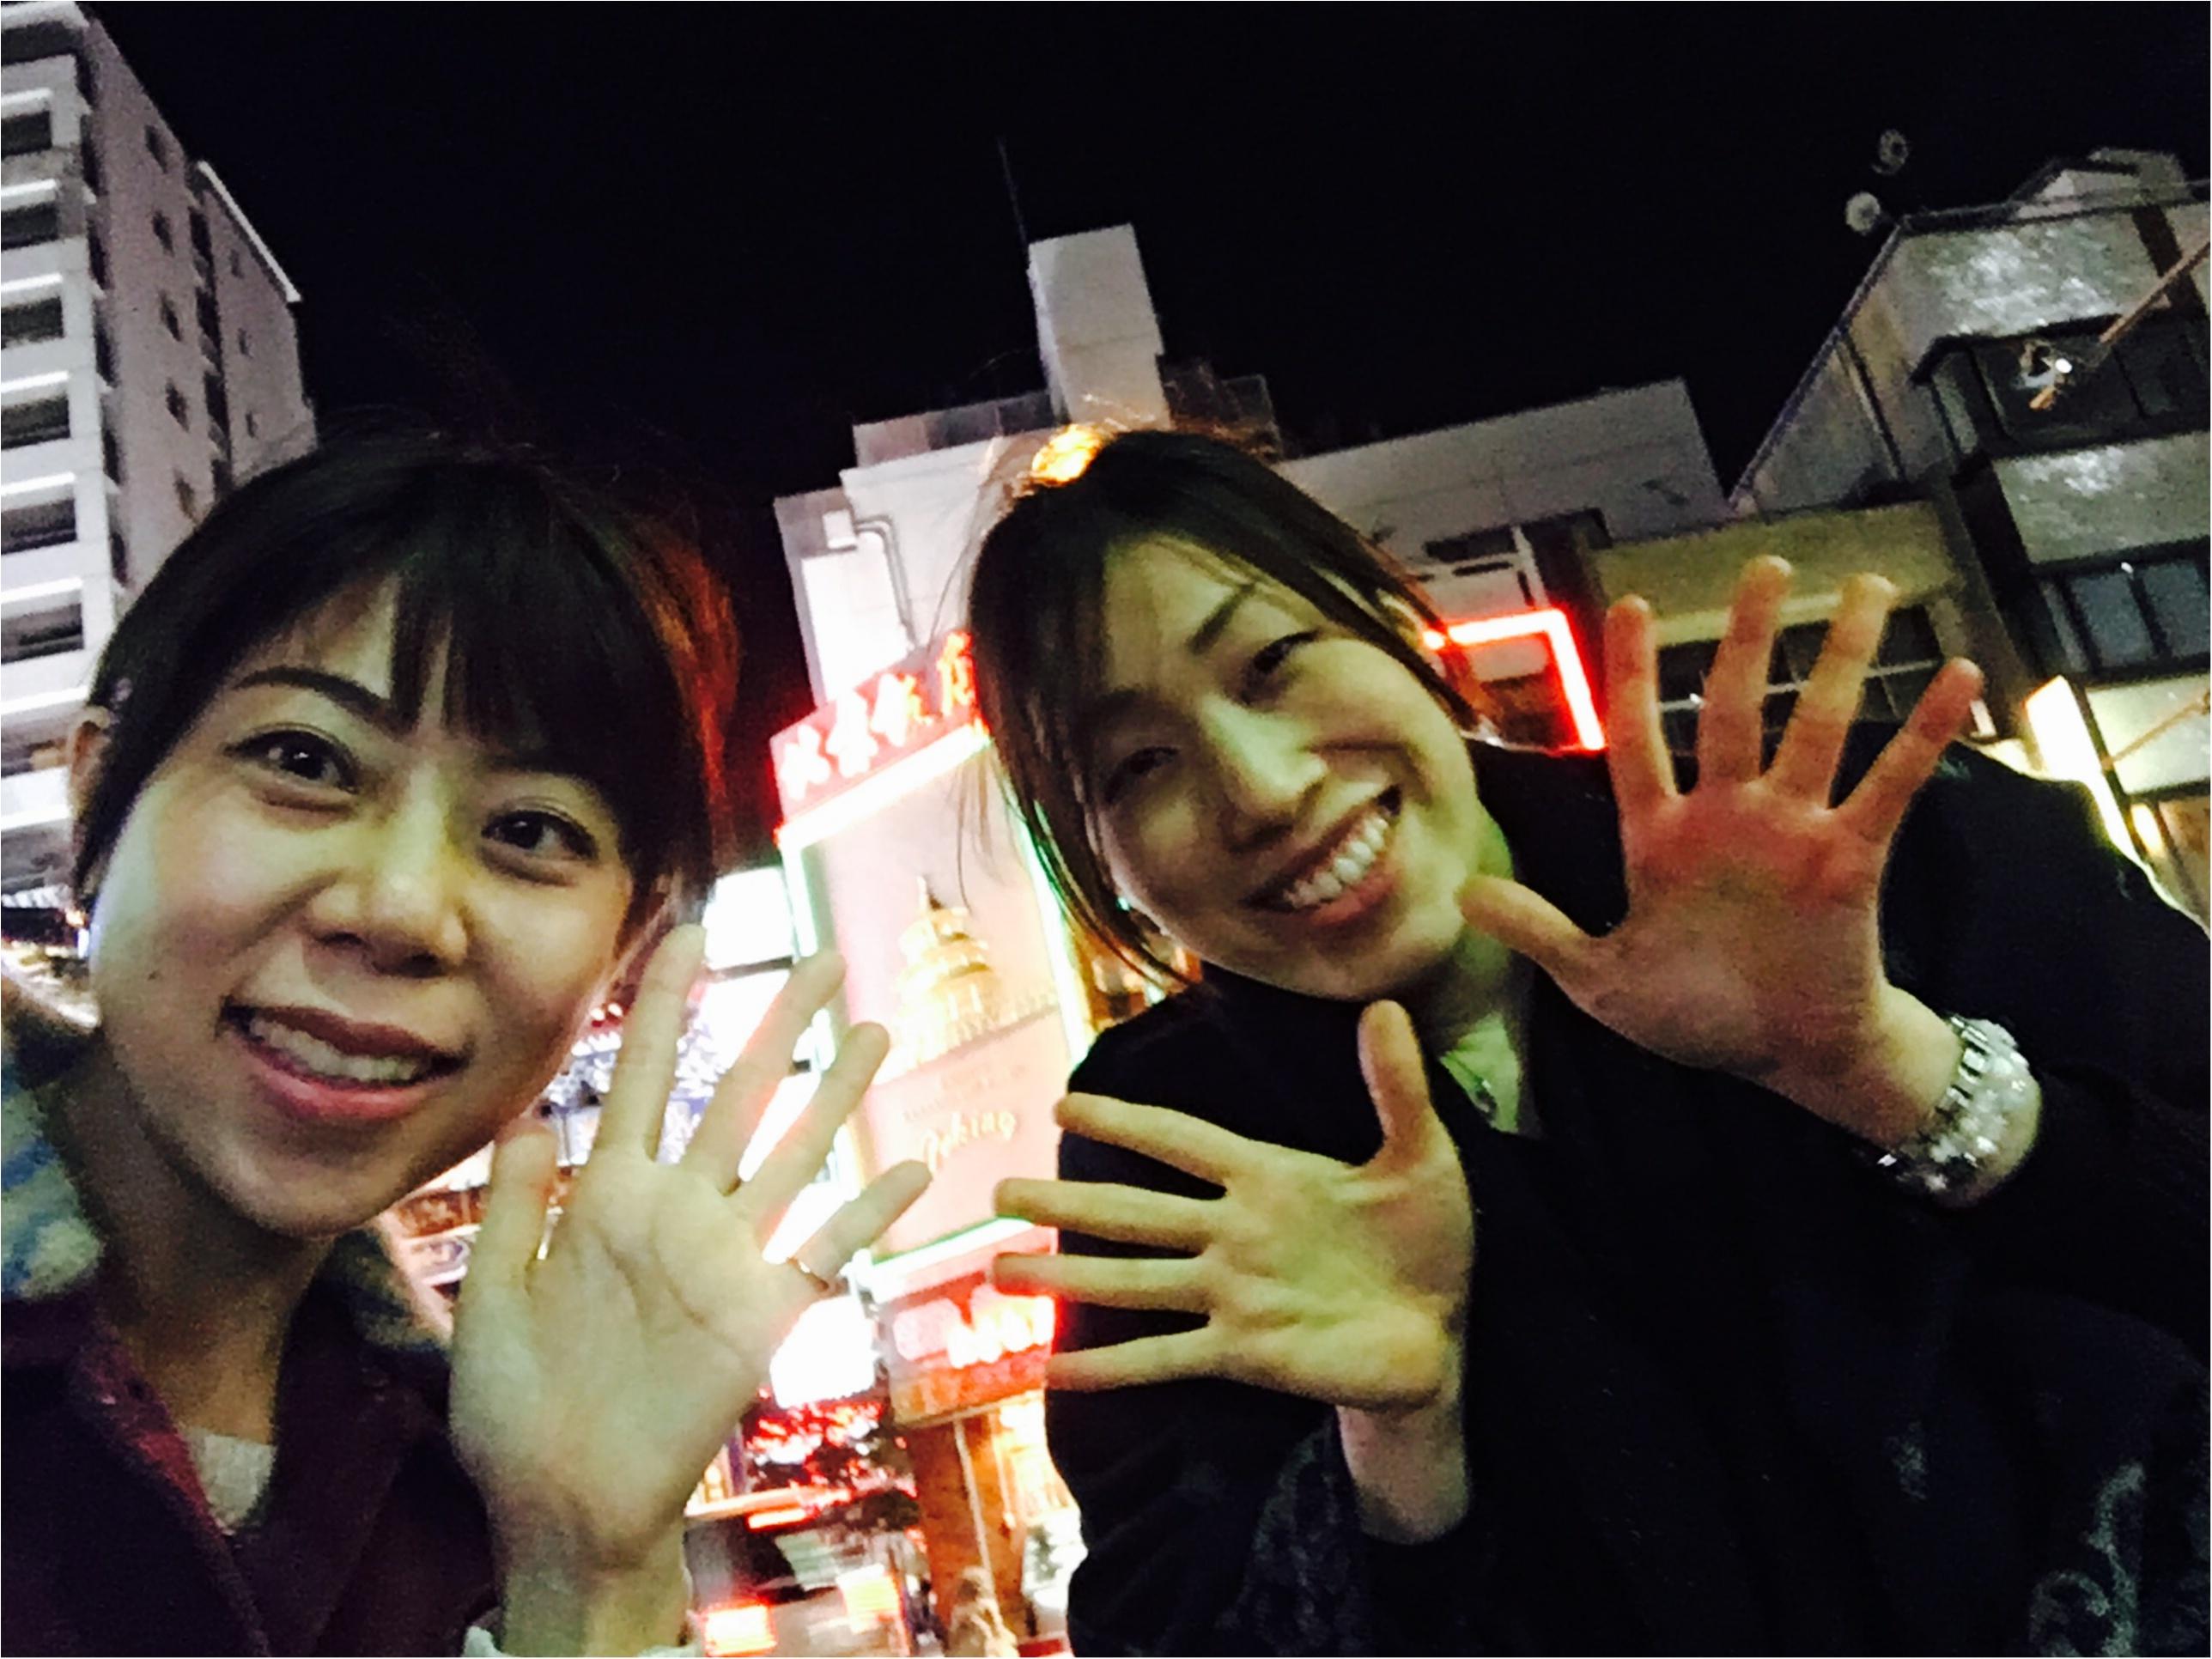 横浜中華街で食べ歩き!そしてやっぱり気になるよく当たる手相占い!_3